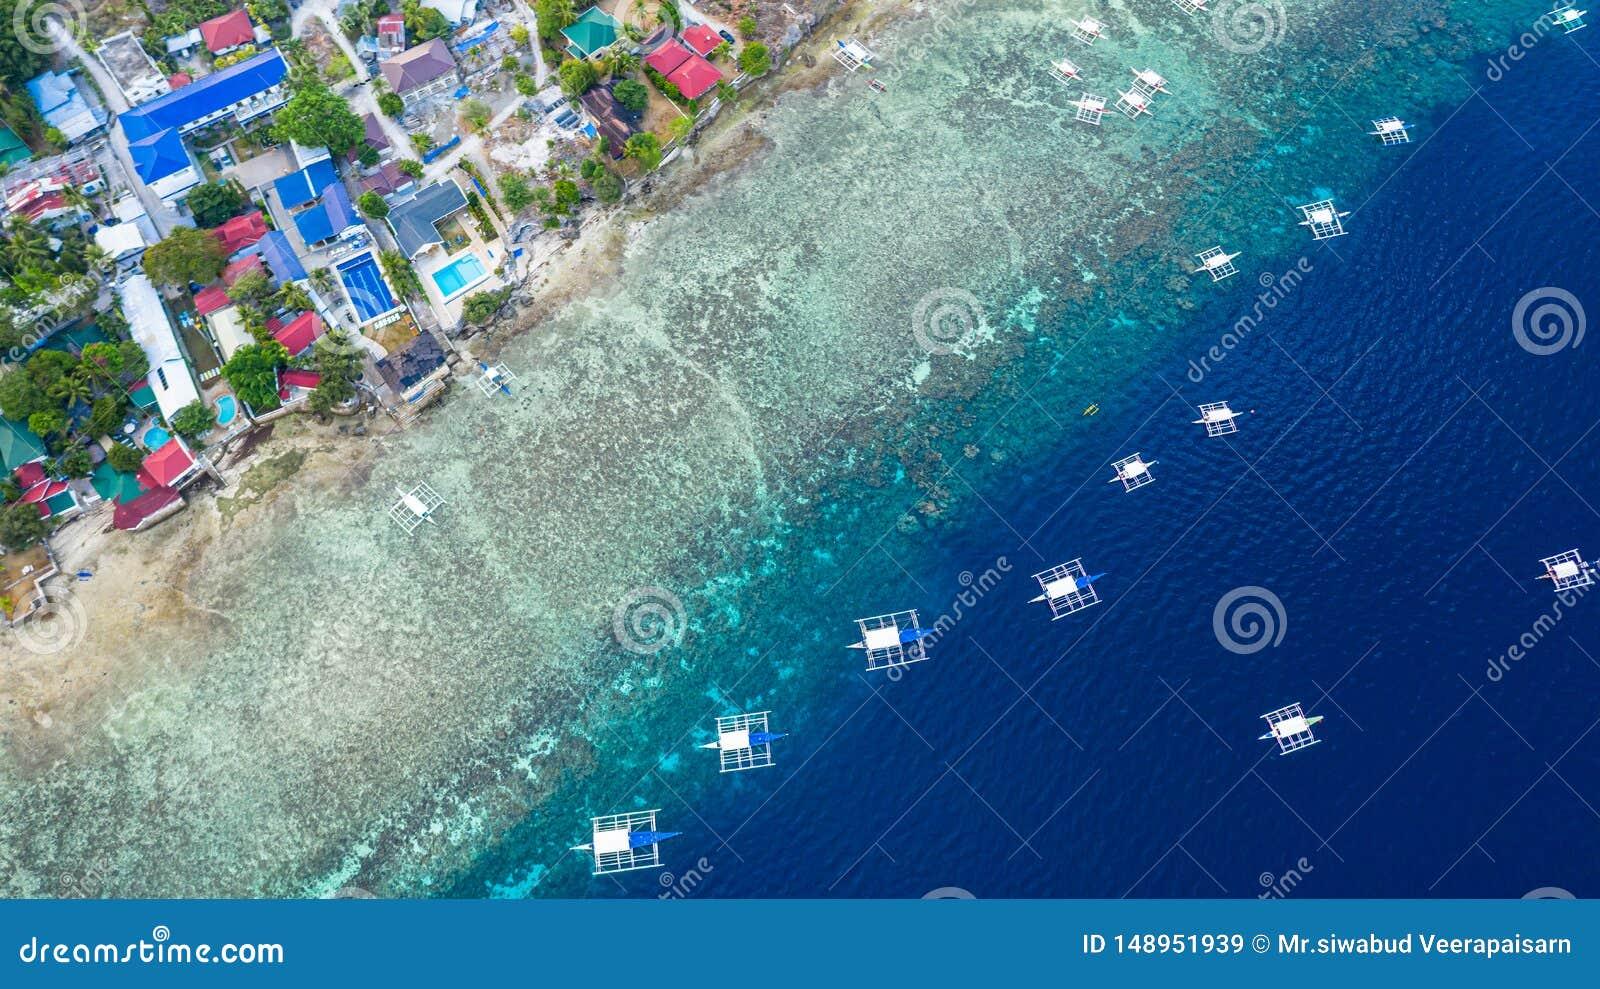 A vista a?rea dos barcos filipinos que flutuam sobre ?guas azuis claras, Moalboal ? um oceano azul limpo profundo e tem muitos lo